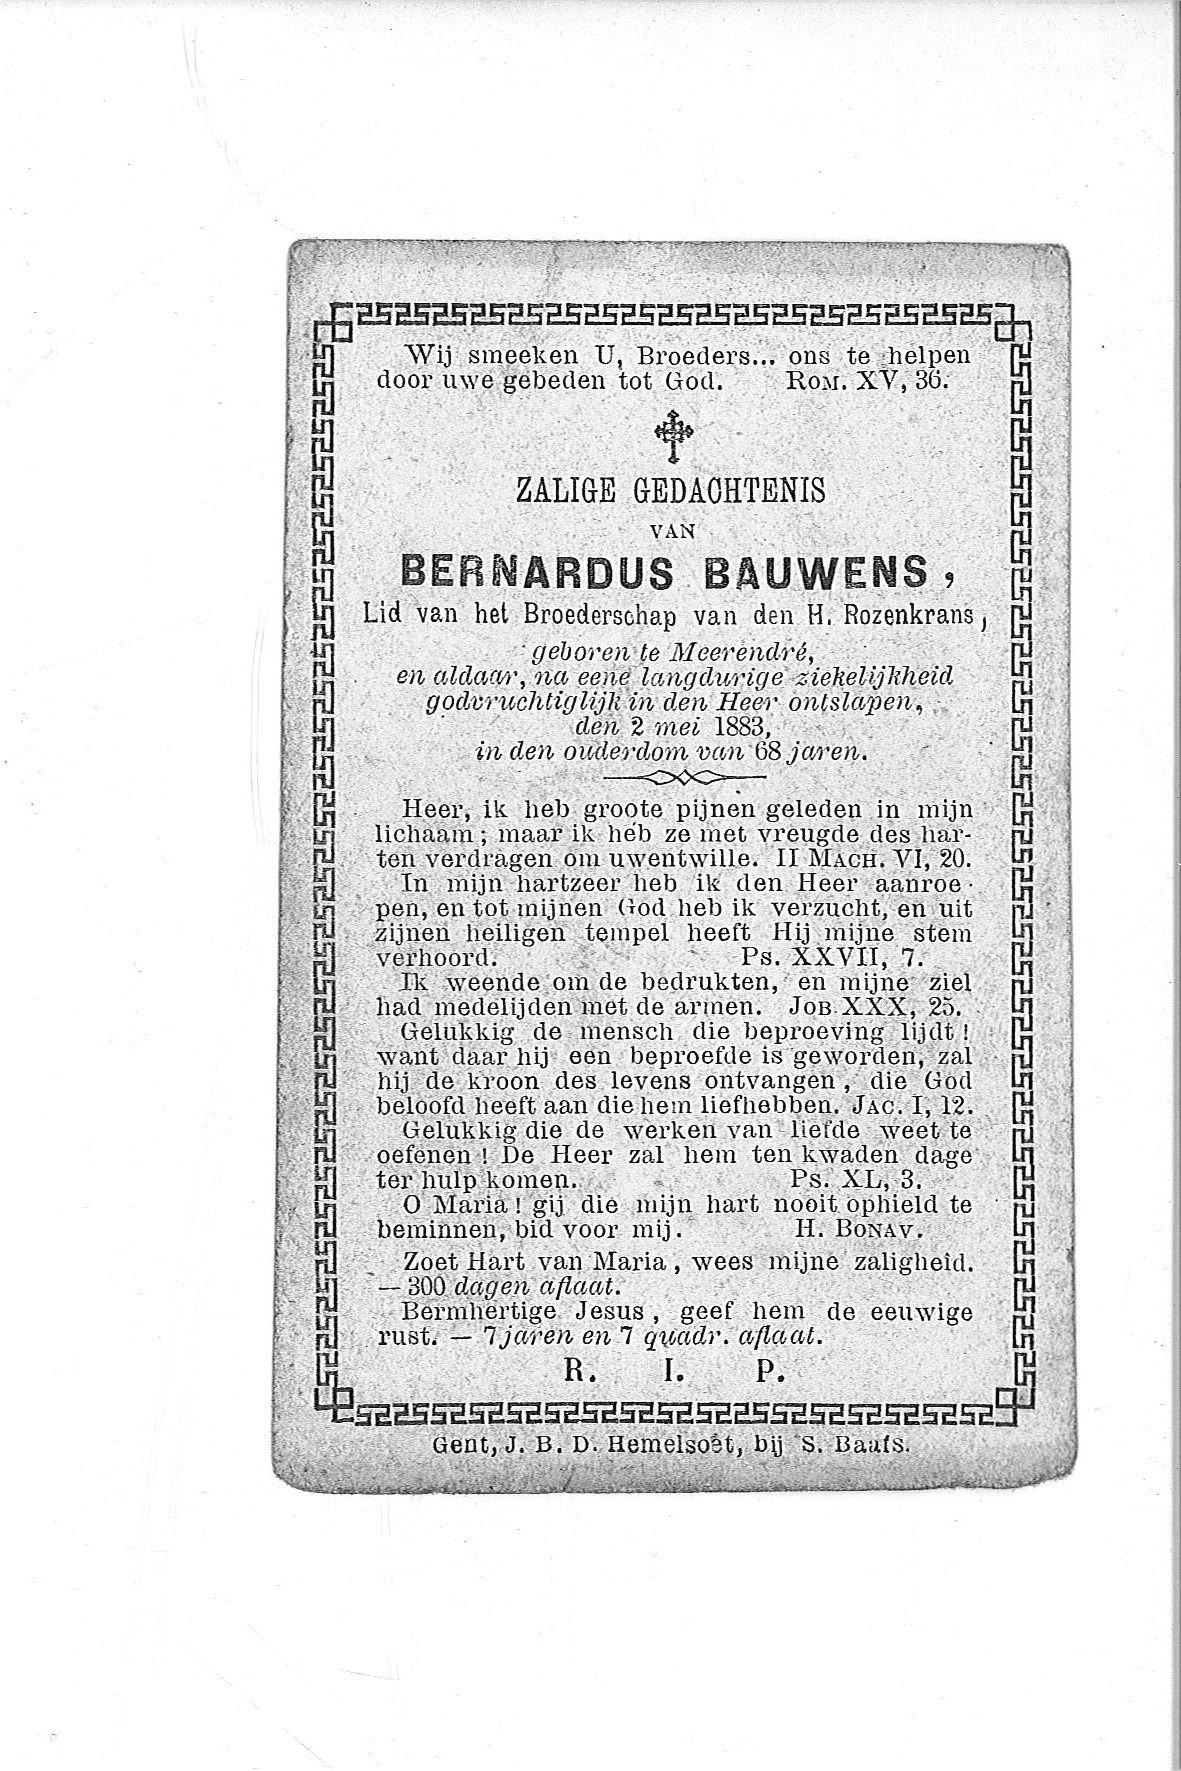 bernardus(1883)20090723104548_00010.jpg